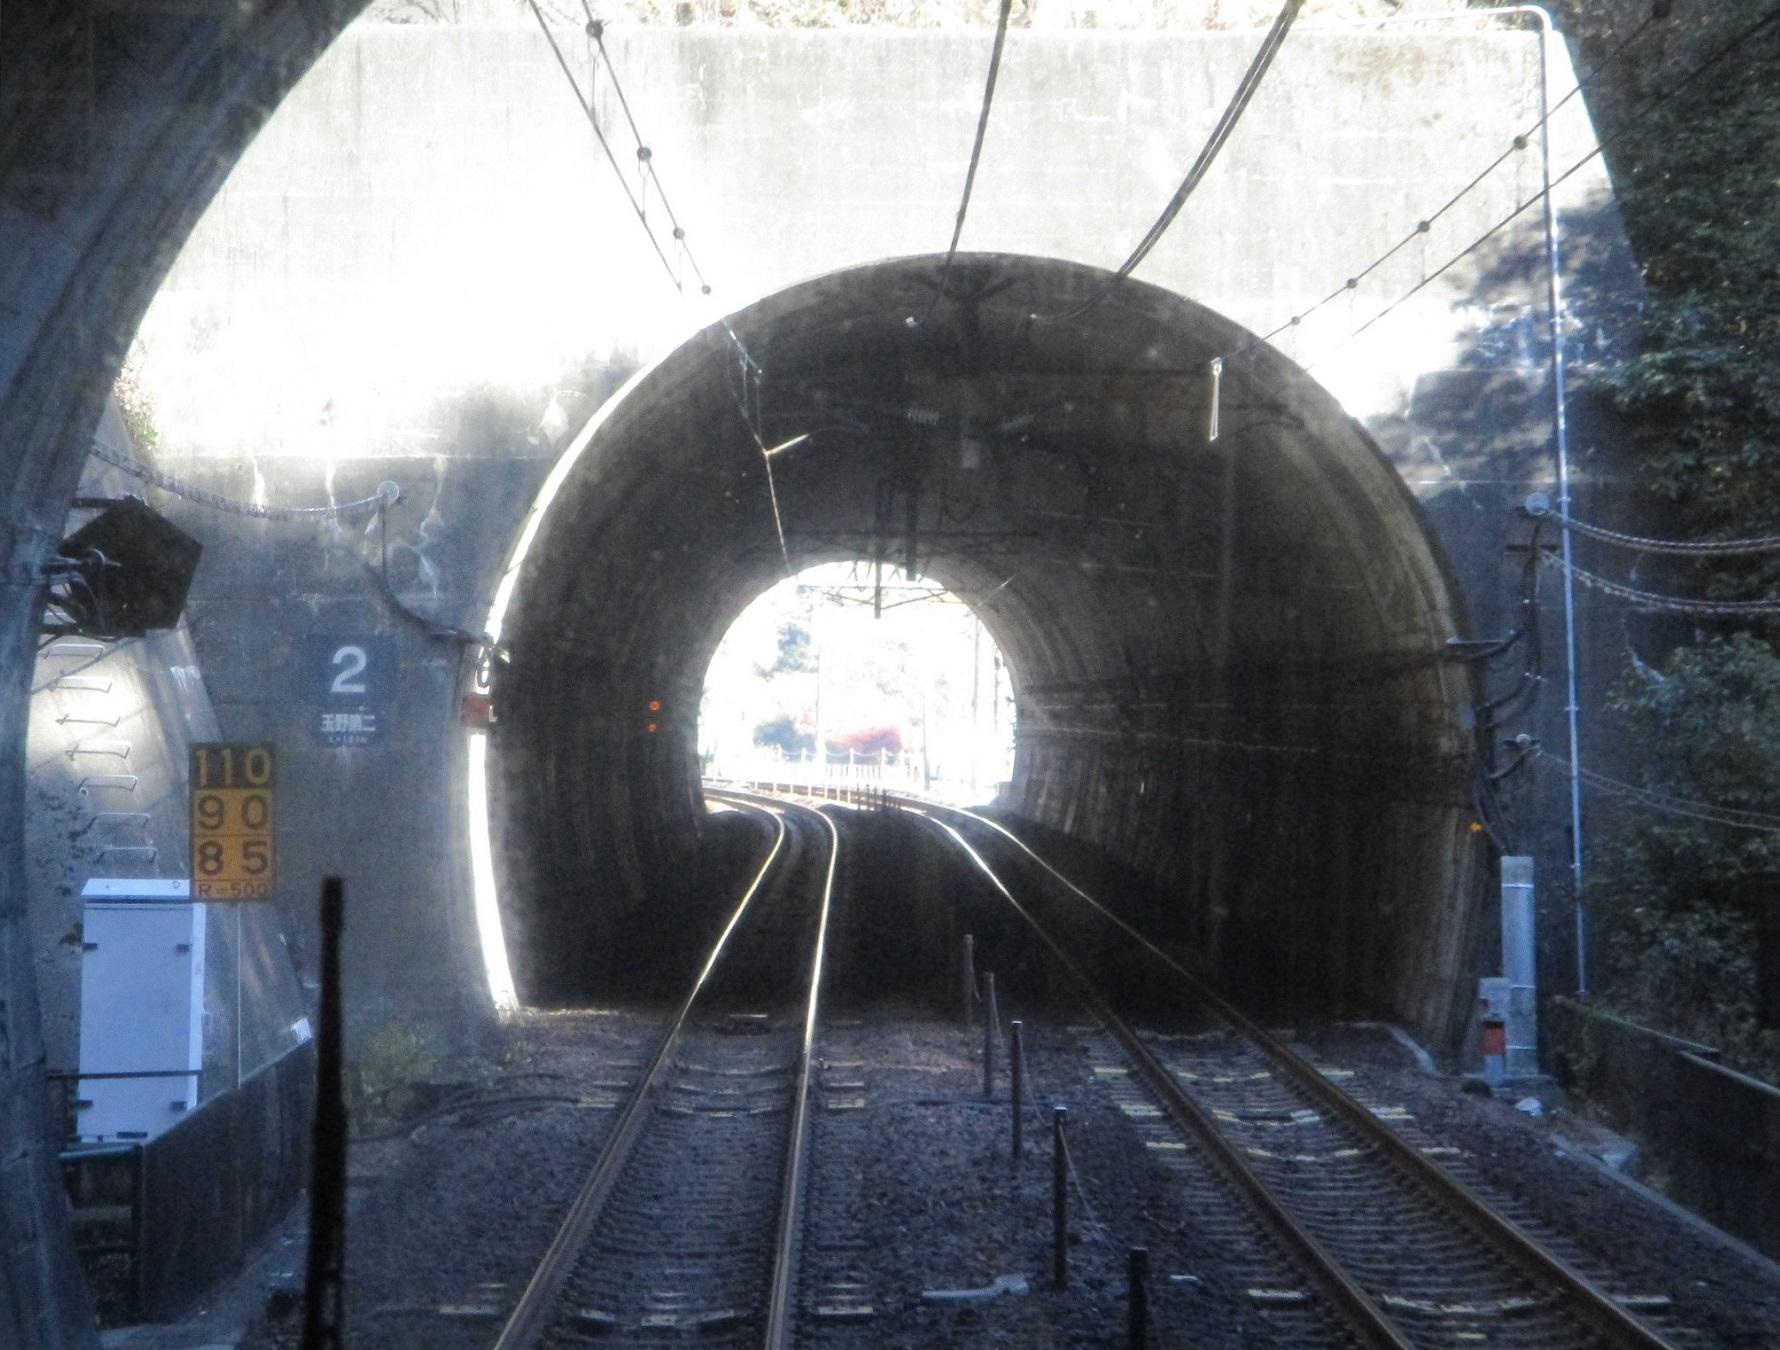 2019.12.1 (27) 高蔵寺定光寺間(トンネル) 1780-1350